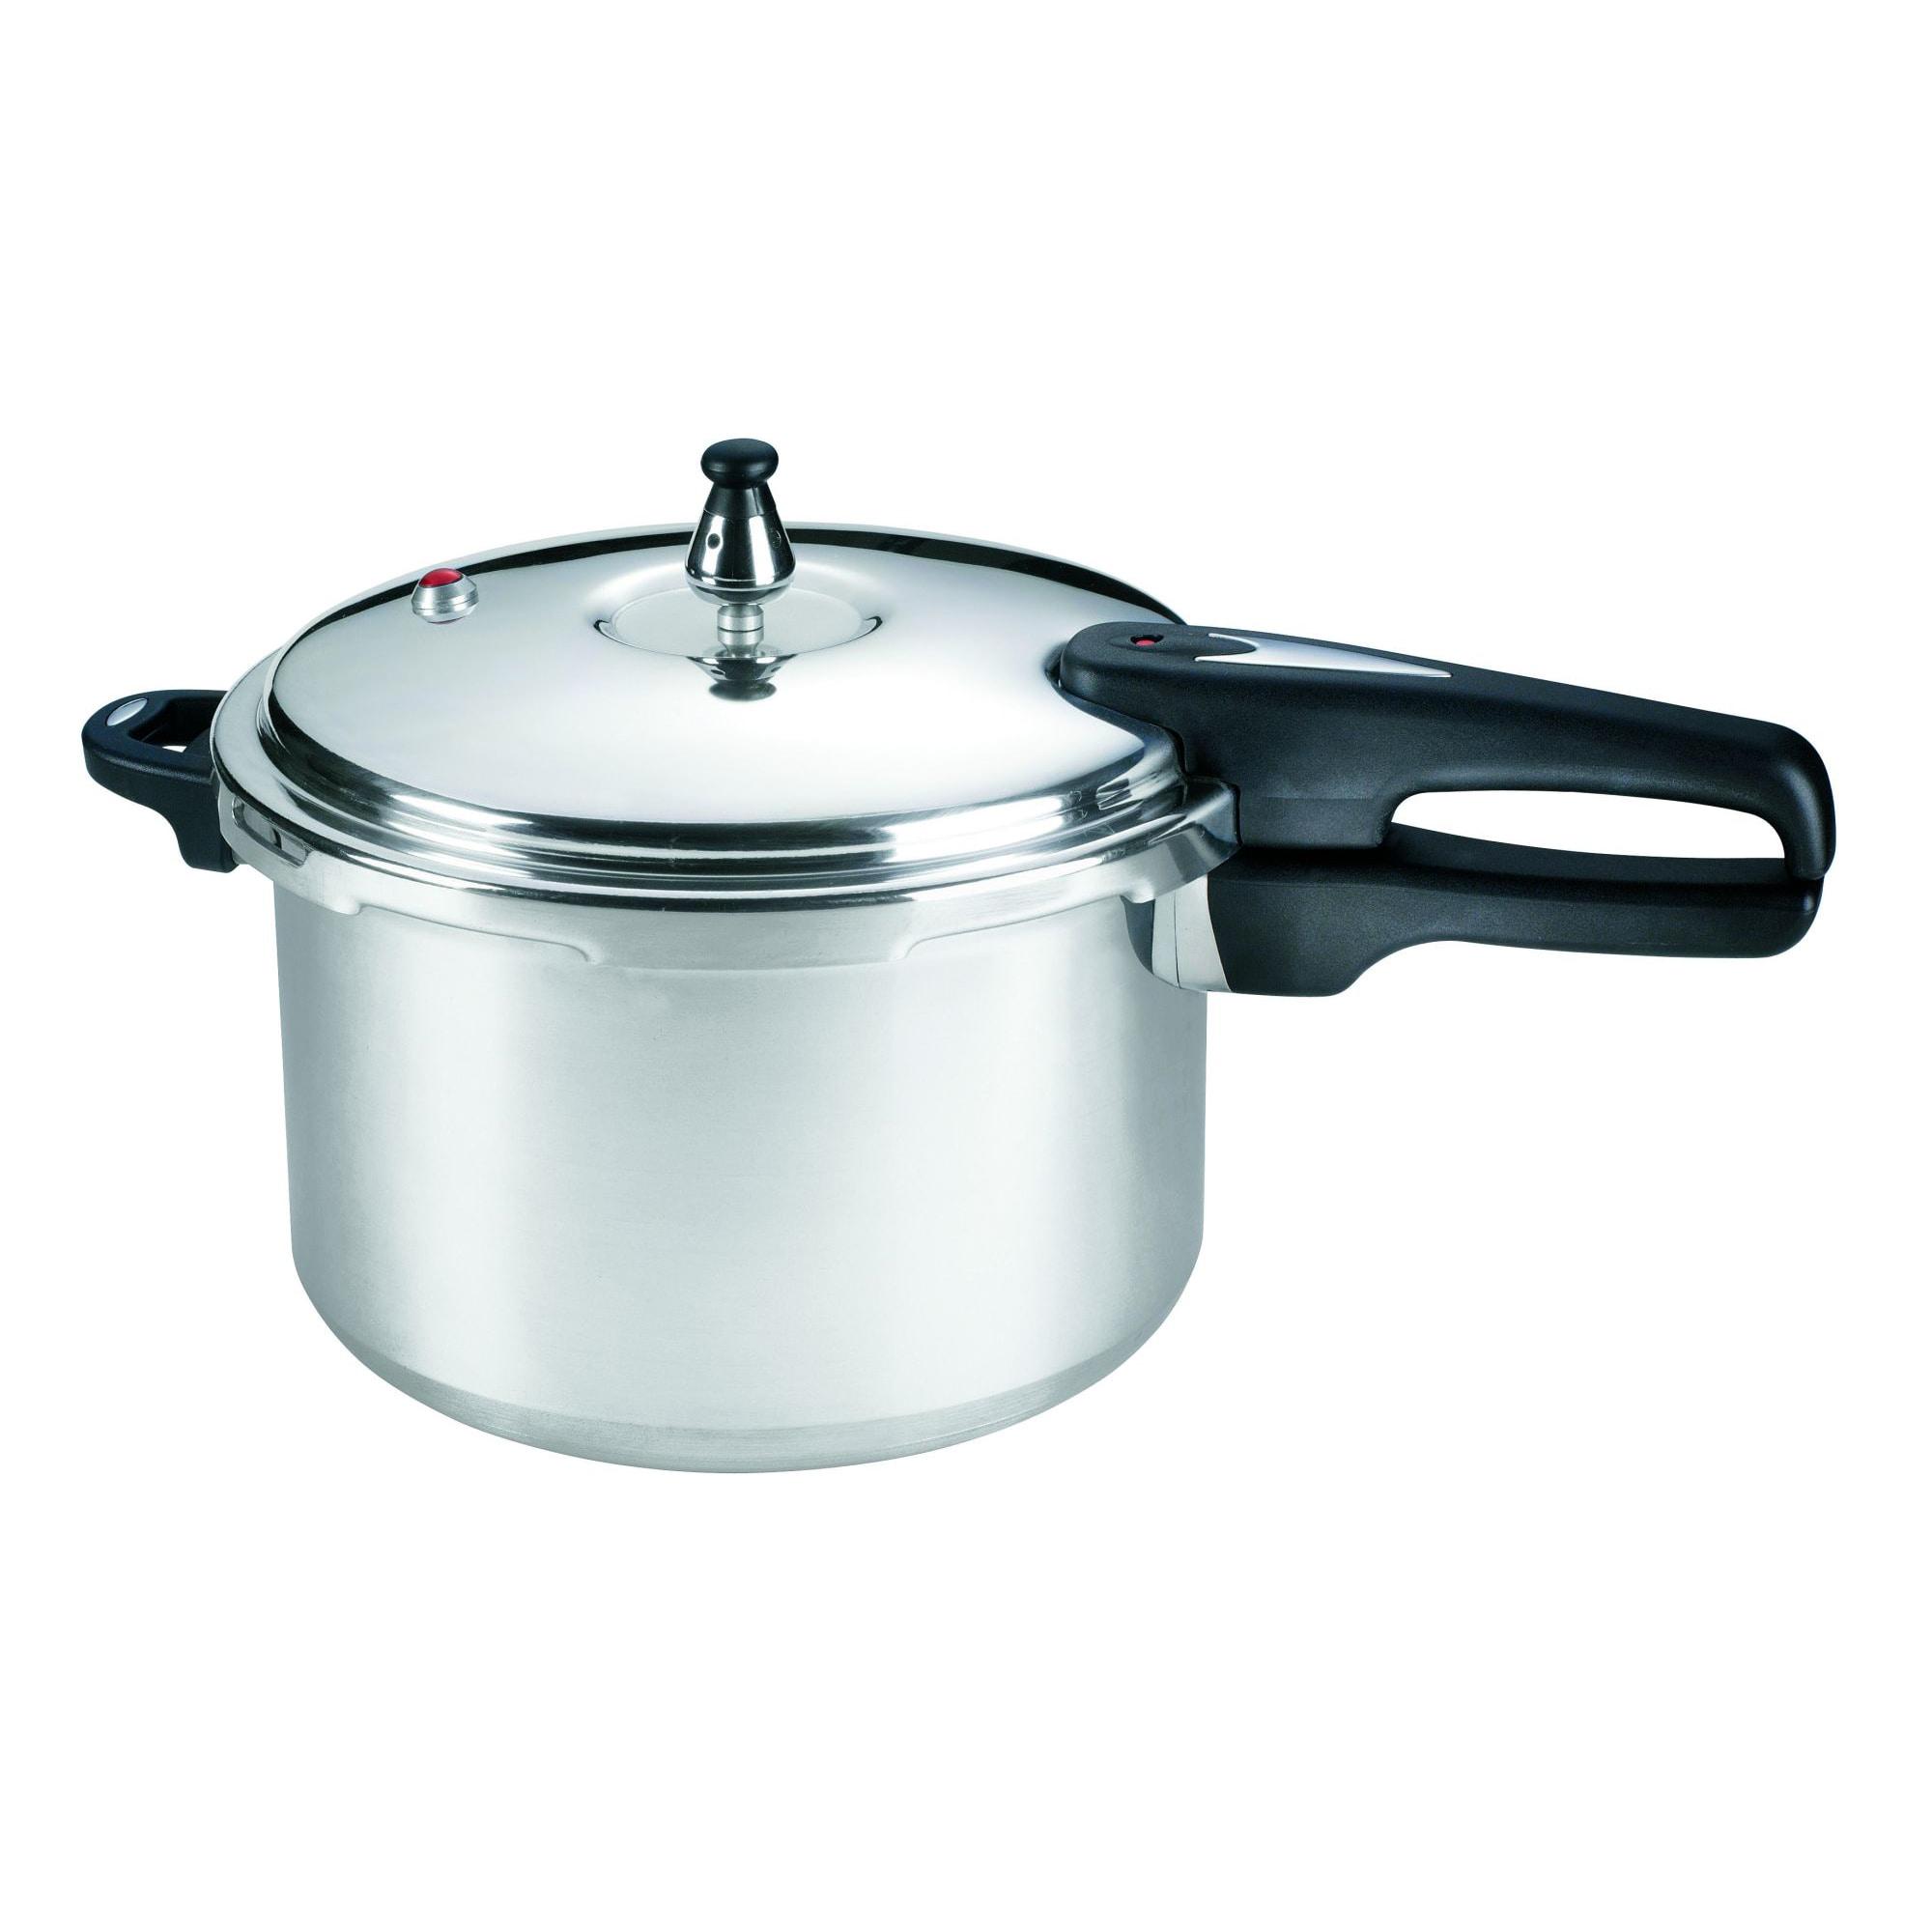 Mirro 92180A Pressure Cooker (8qt Pressure Cooker), Silve...